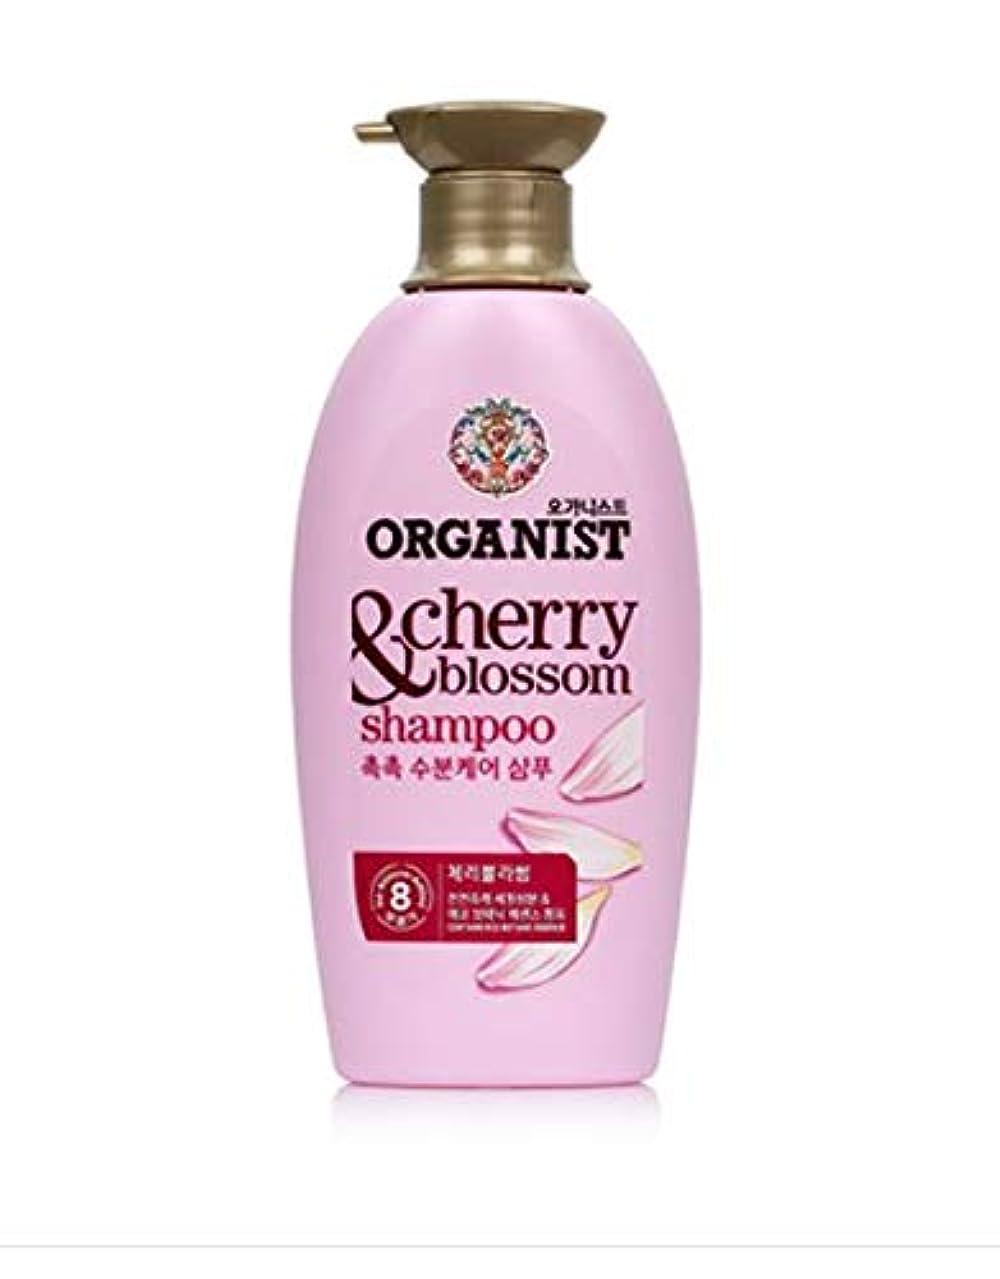 アンプスポーツマン出費オーガニスト (ORGANIST)チェリーブロッサムシャンプー500ml/ ORGANIST Cherry Blossom Hydrating Shampoo 500ml [並行輸入品]